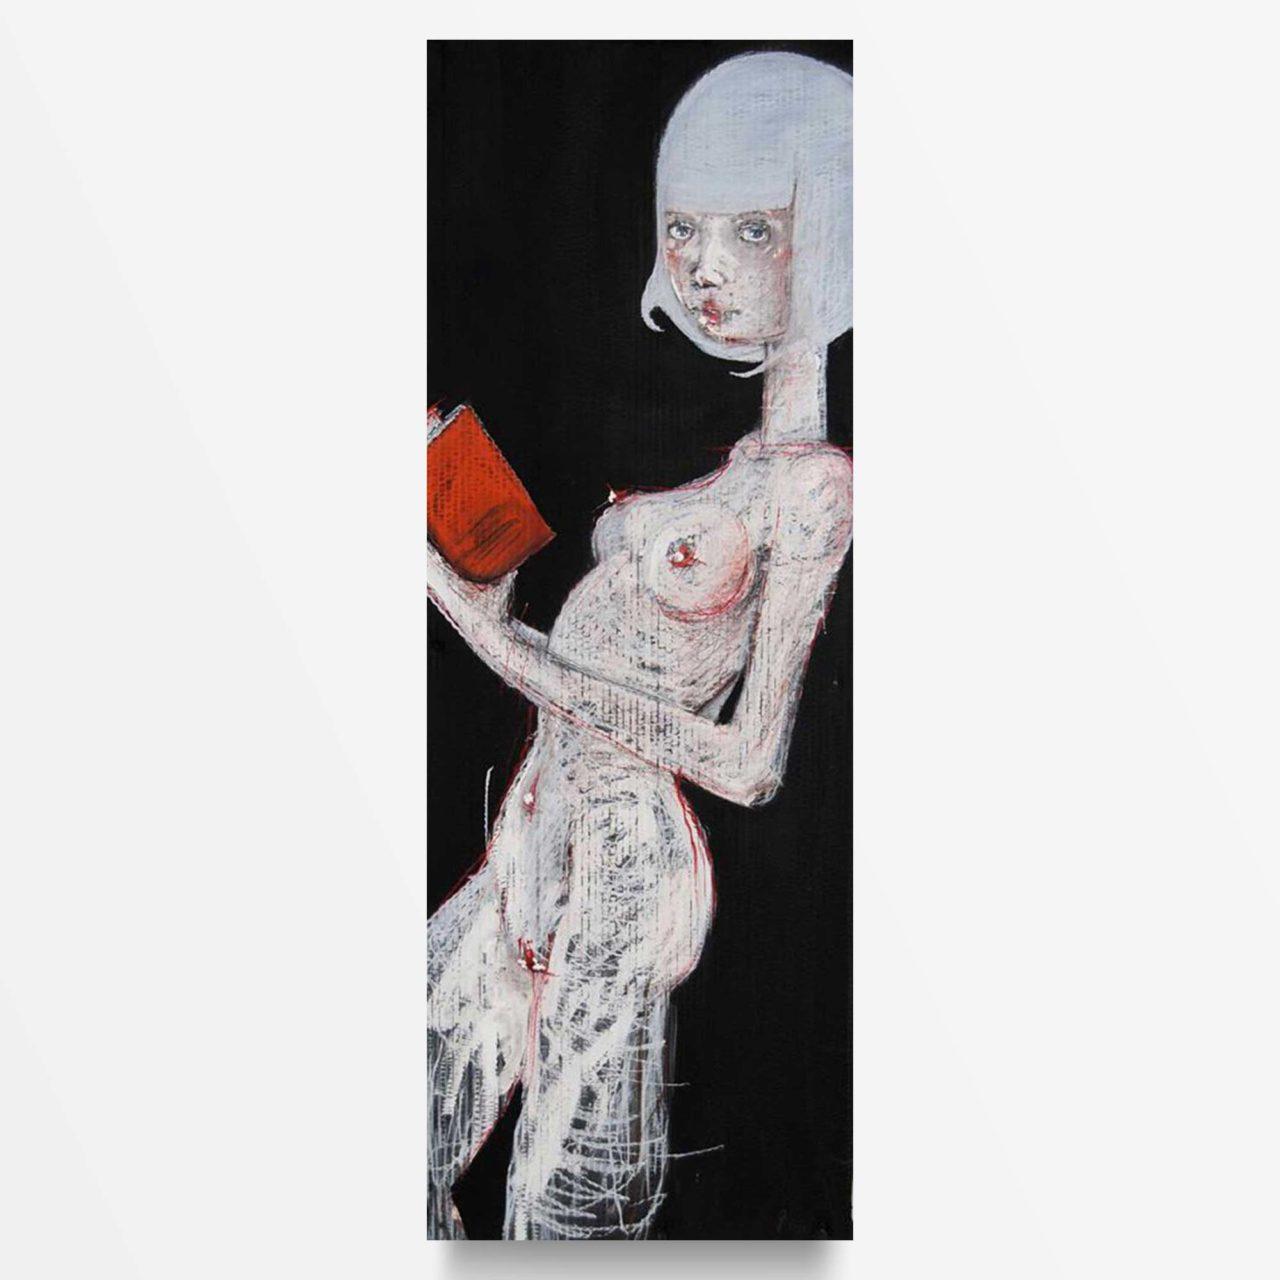 2013 Ragazza dai capelli bianchi che legge quadro acrilico di Diego Gabriele